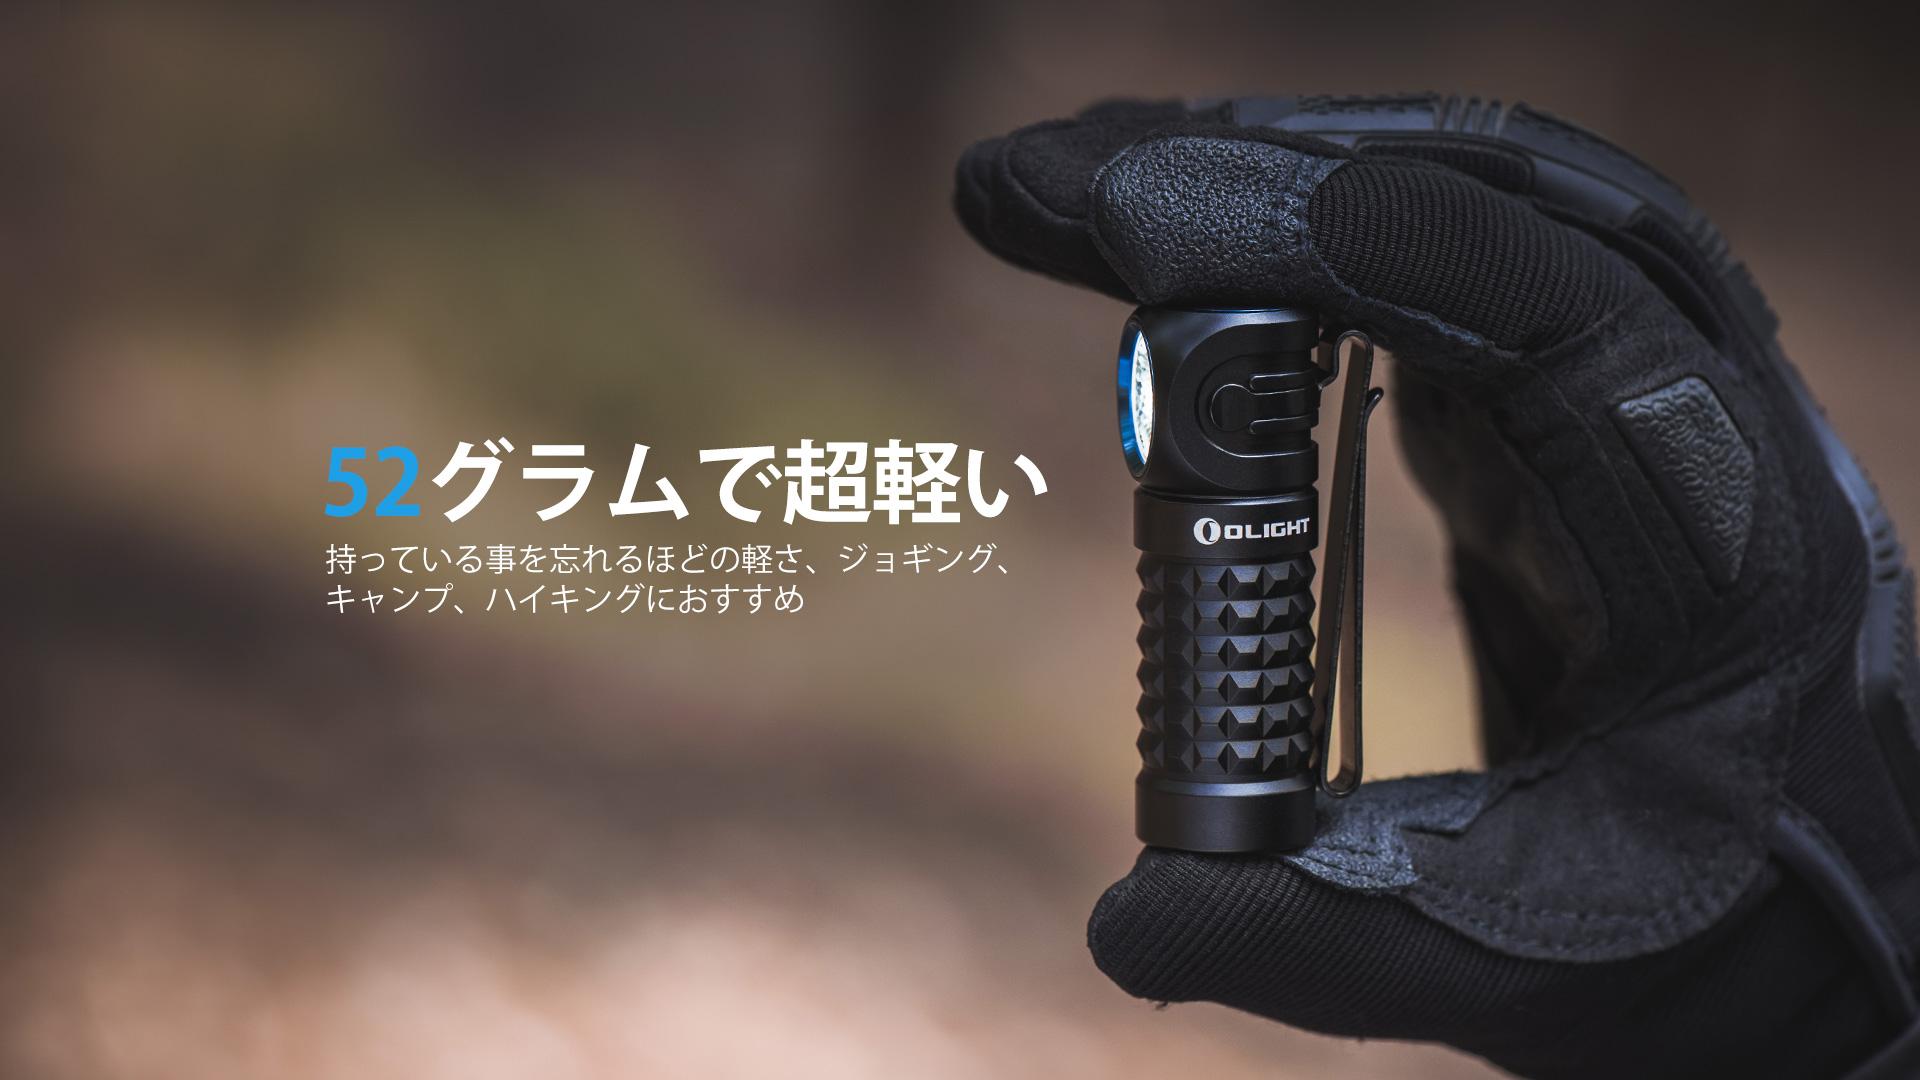 ワーク ライトPerun Mini重量はわずか52g、超軽量で耐摩耗性